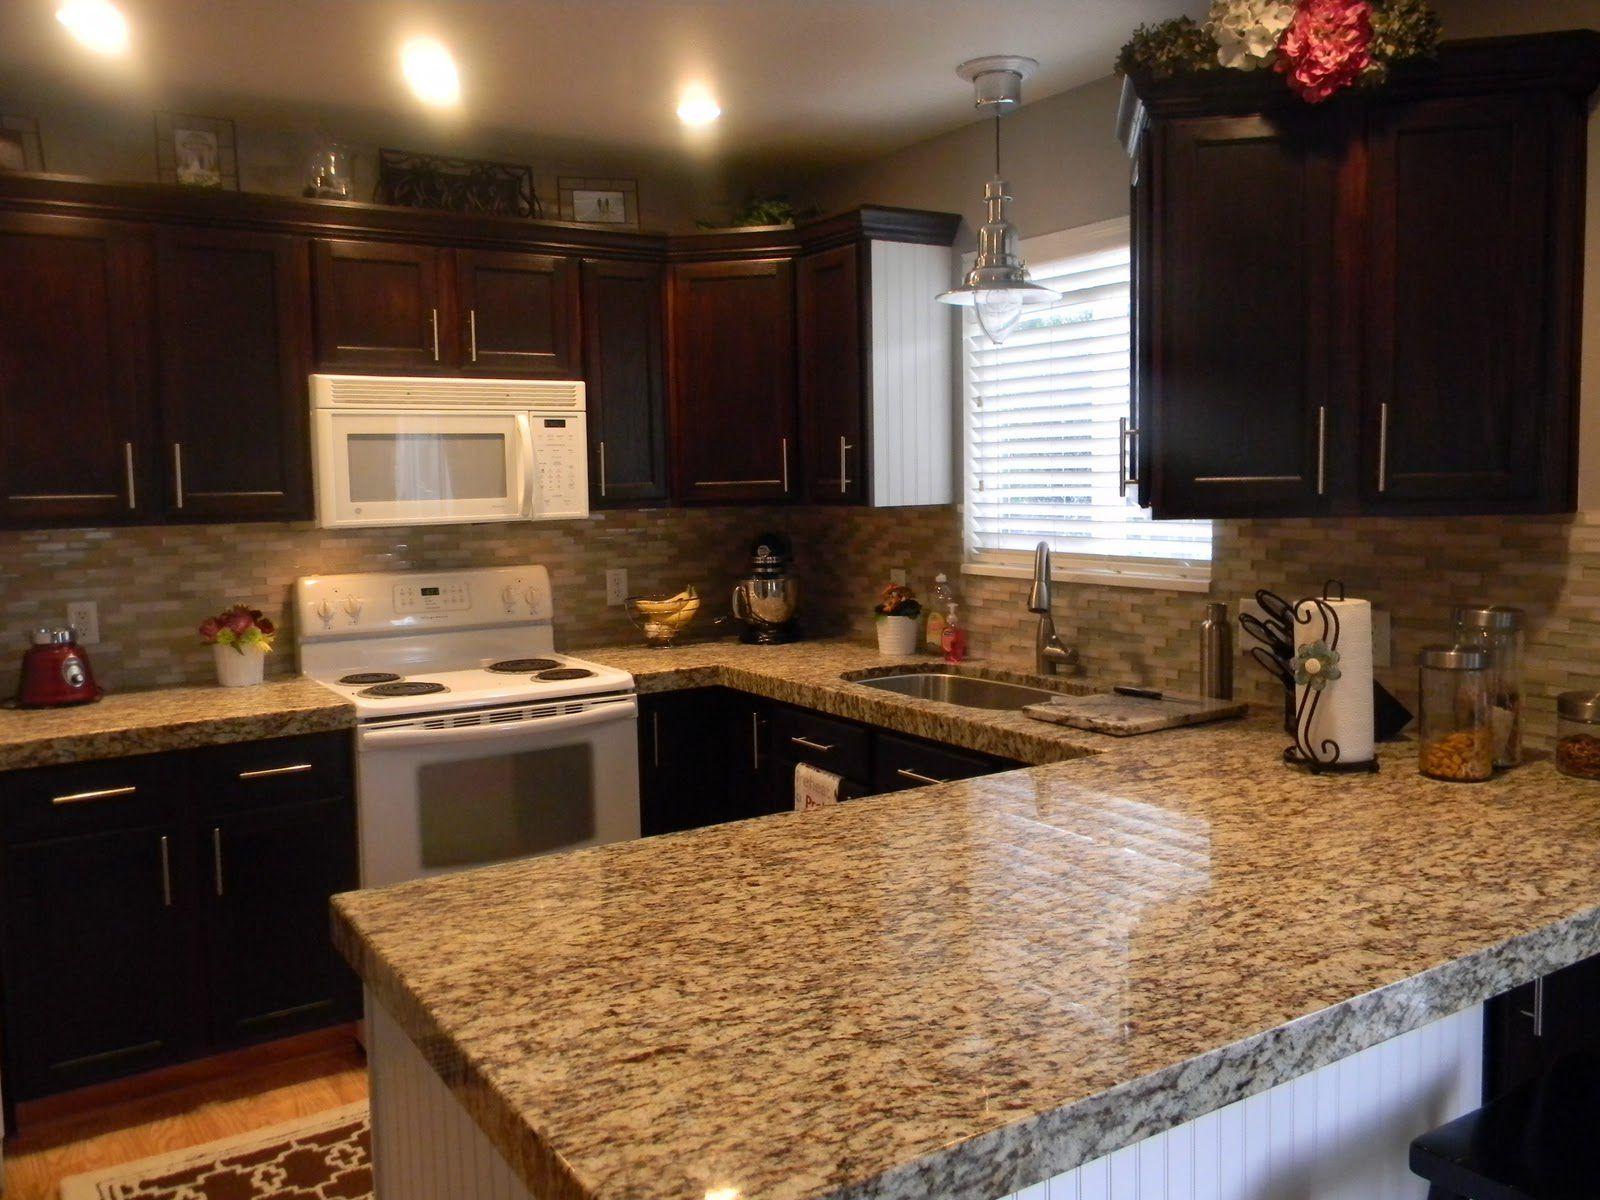 Kosten Zu Ersetzen Die Kuche Mit Granit Arbeitsplatten Kuchenmobel Arbeitsplatte Granit Arbeitsplatte